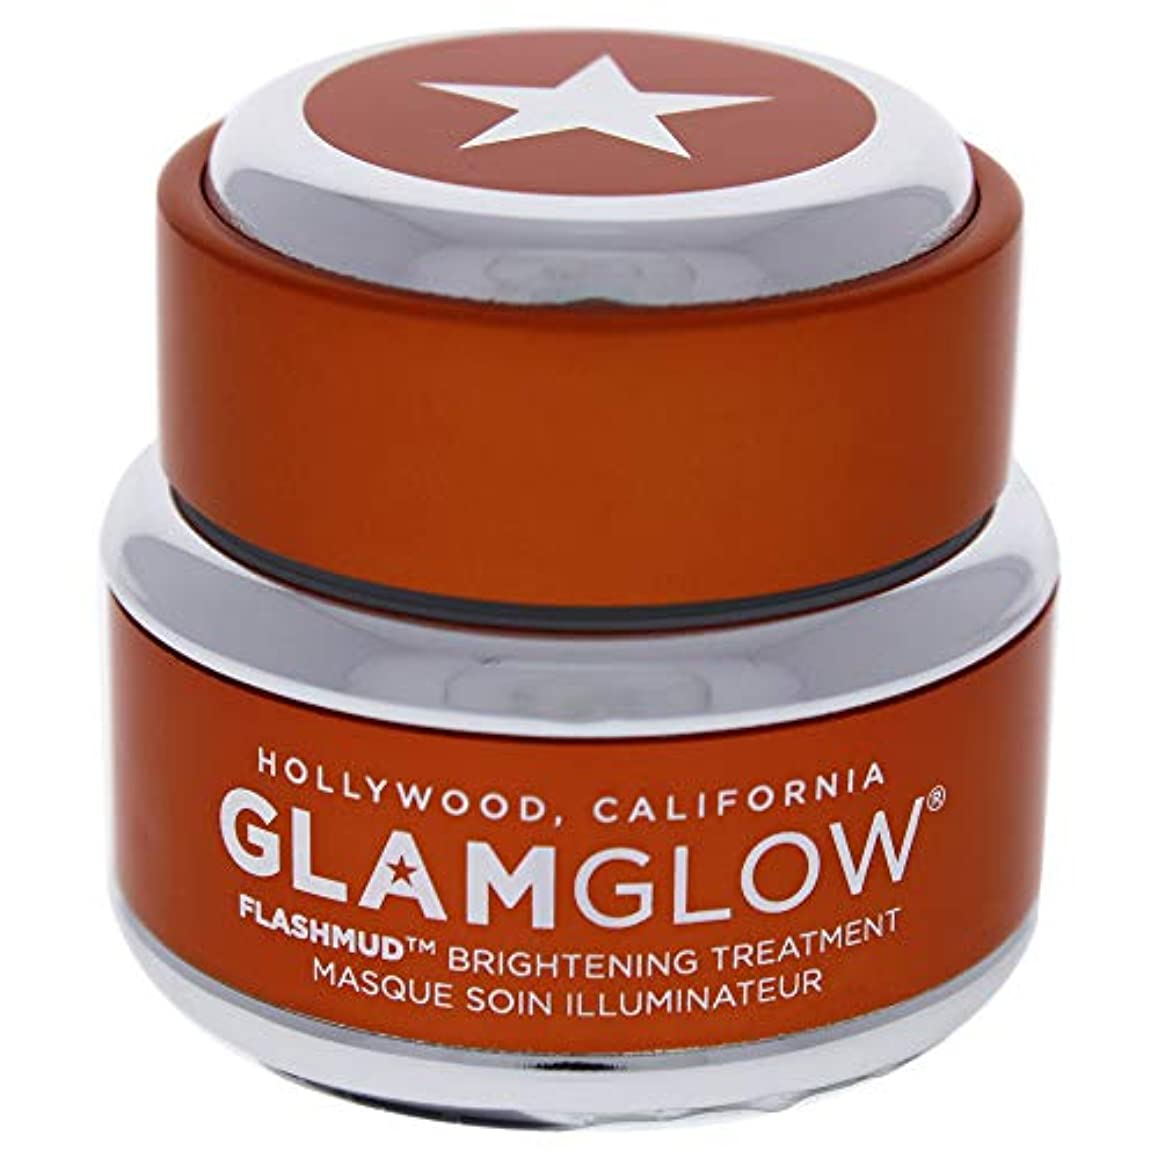 大佐仕事切断するGlam Glow Flashmud Brightening Treatment Mask 0.5oz (15ml)